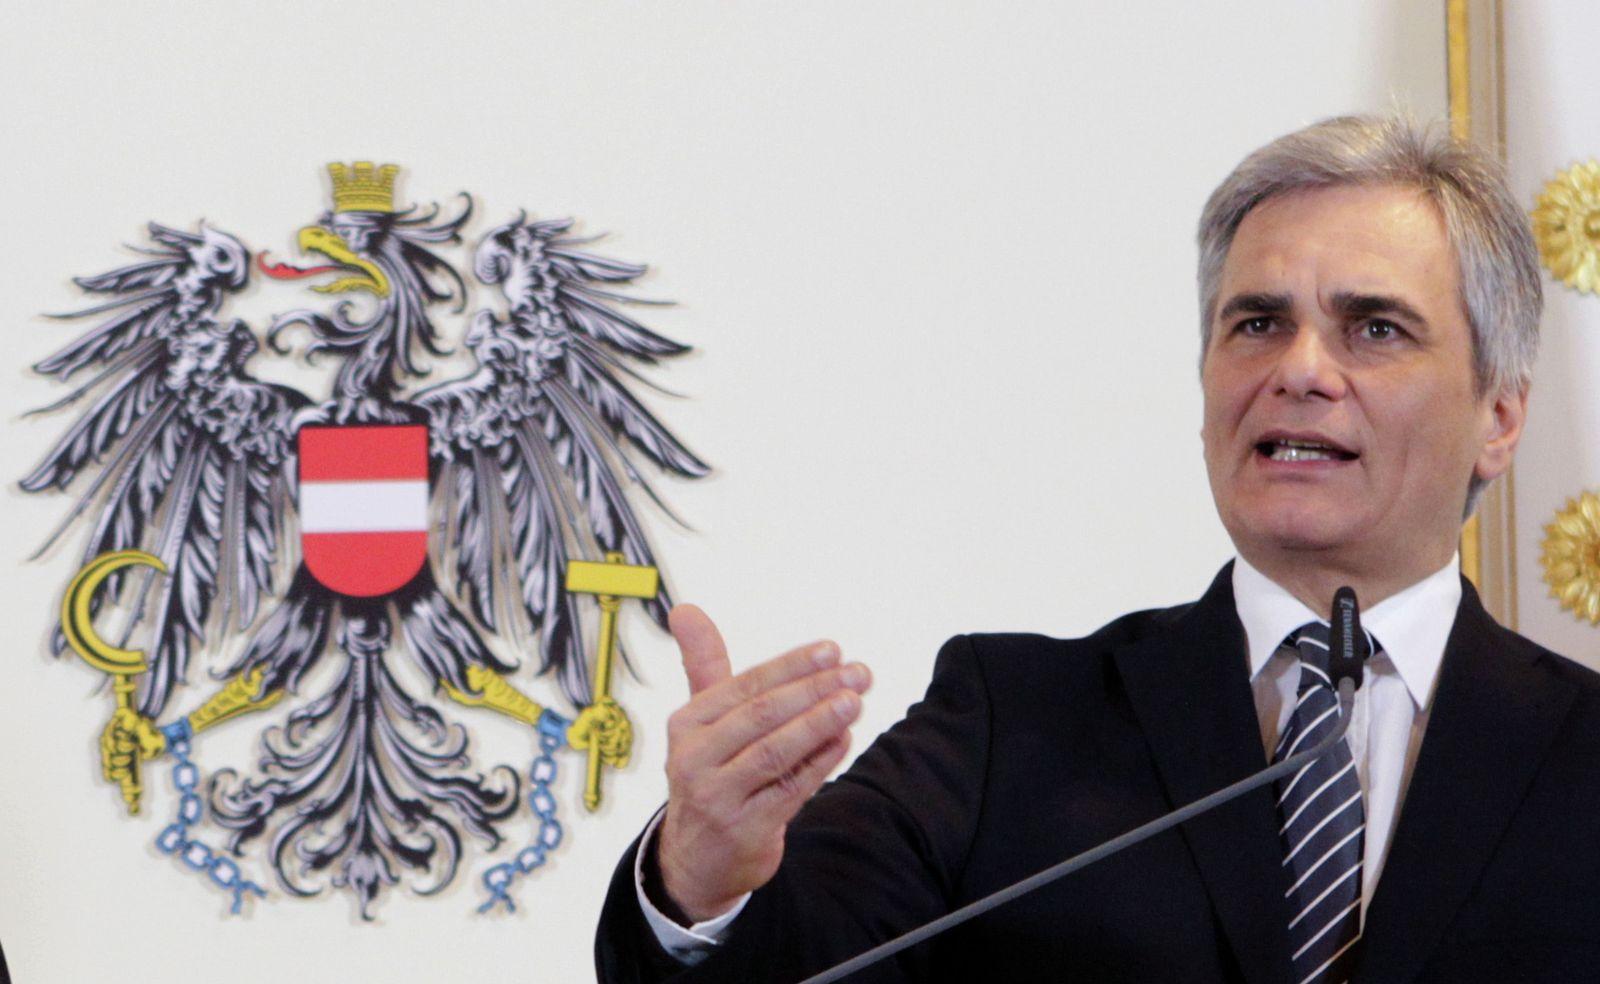 AUSTRIA/